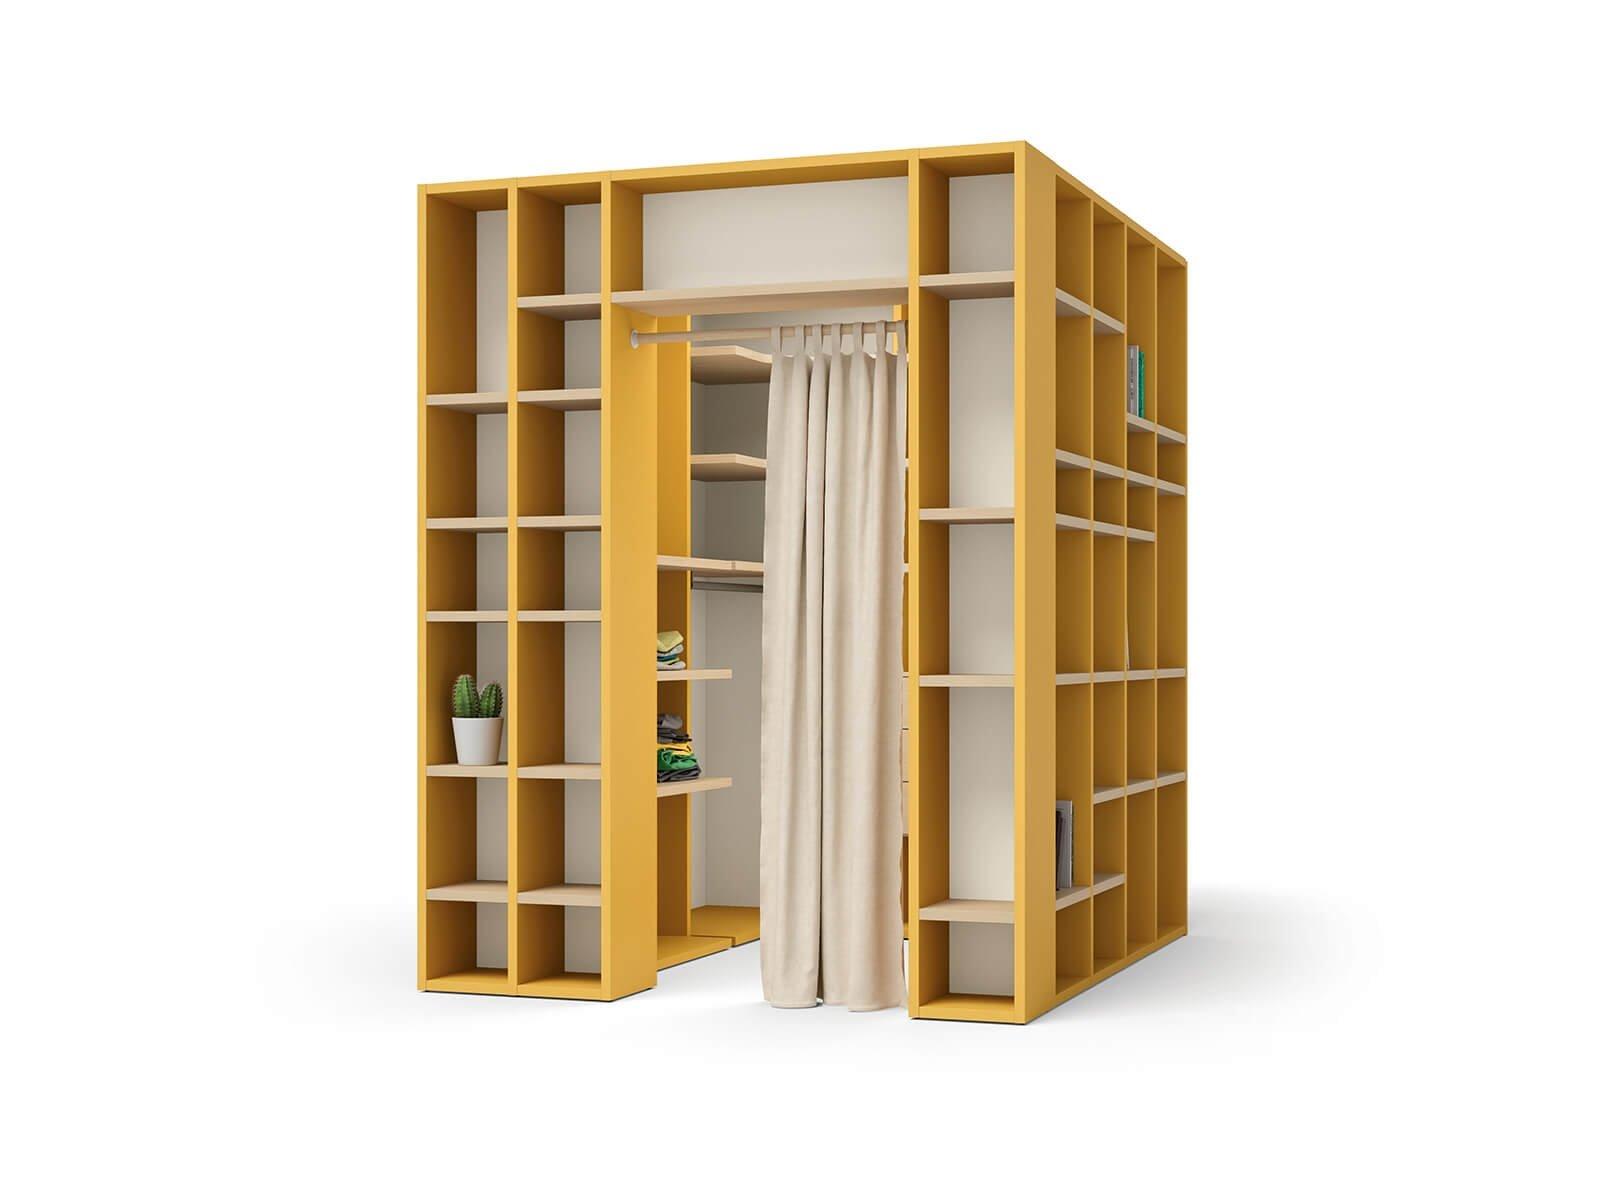 Libreria Holly per camerette per bambini  Nidi